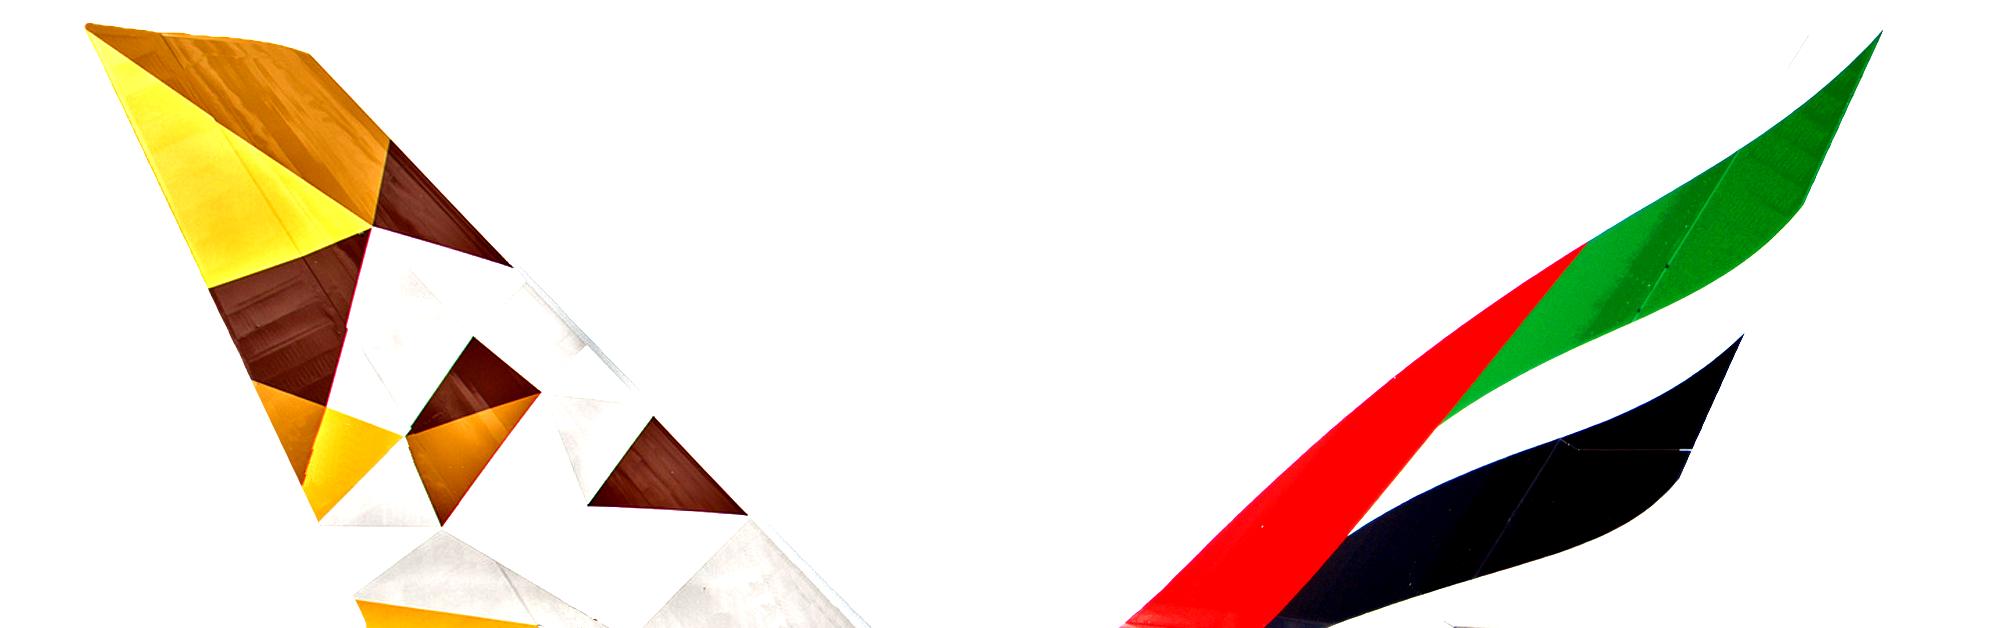 Etihad versus Emirates, post-September 2014